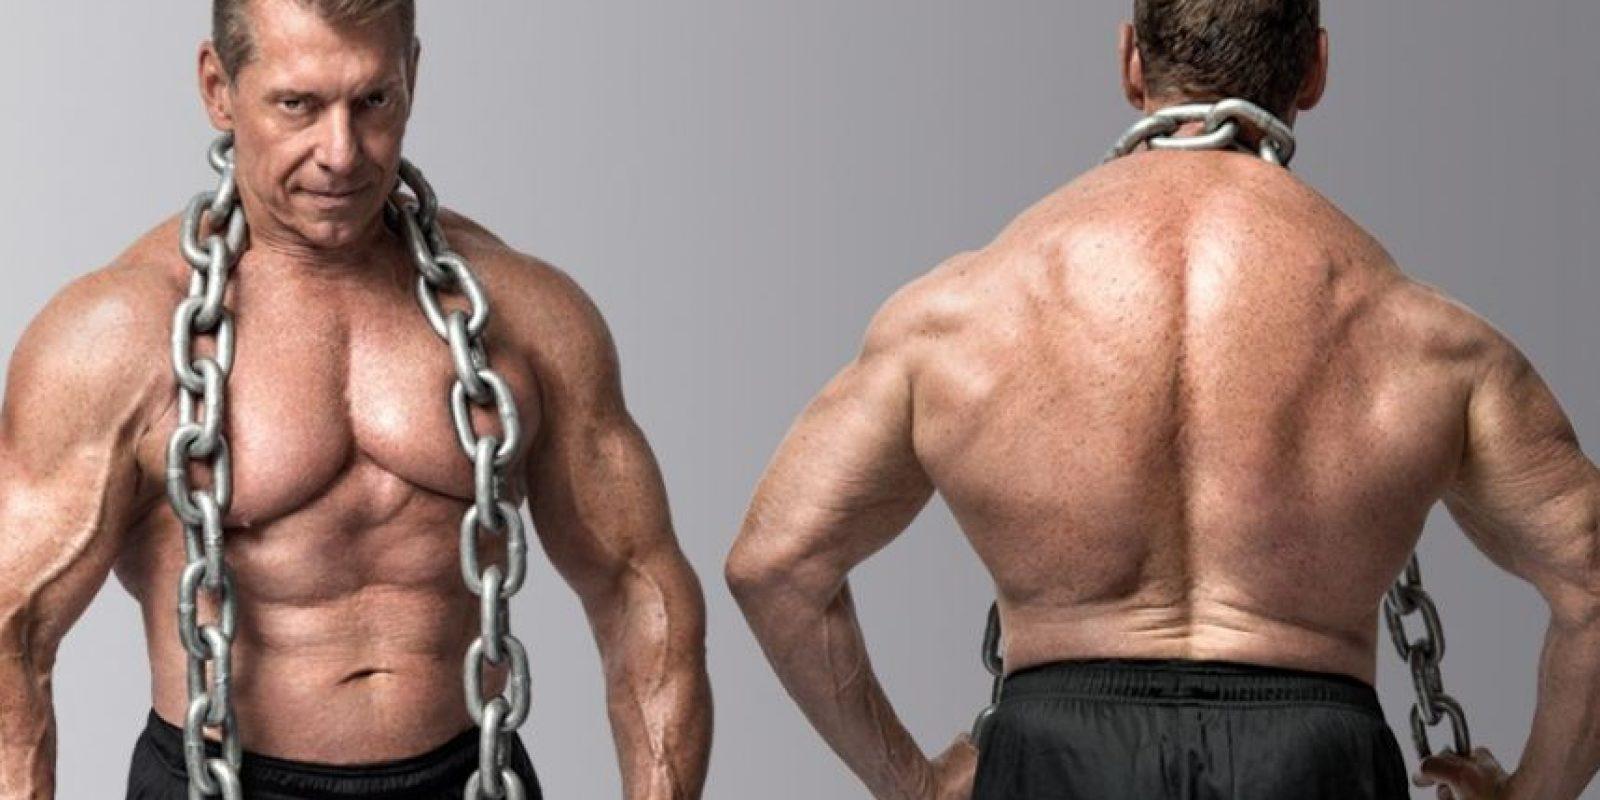 Vince McMahon es el dueño de la WWE y a sus 69 años posee una figura envidiable. Foto:Vía twitter.com/VinceMcMahon. Imagen Por: